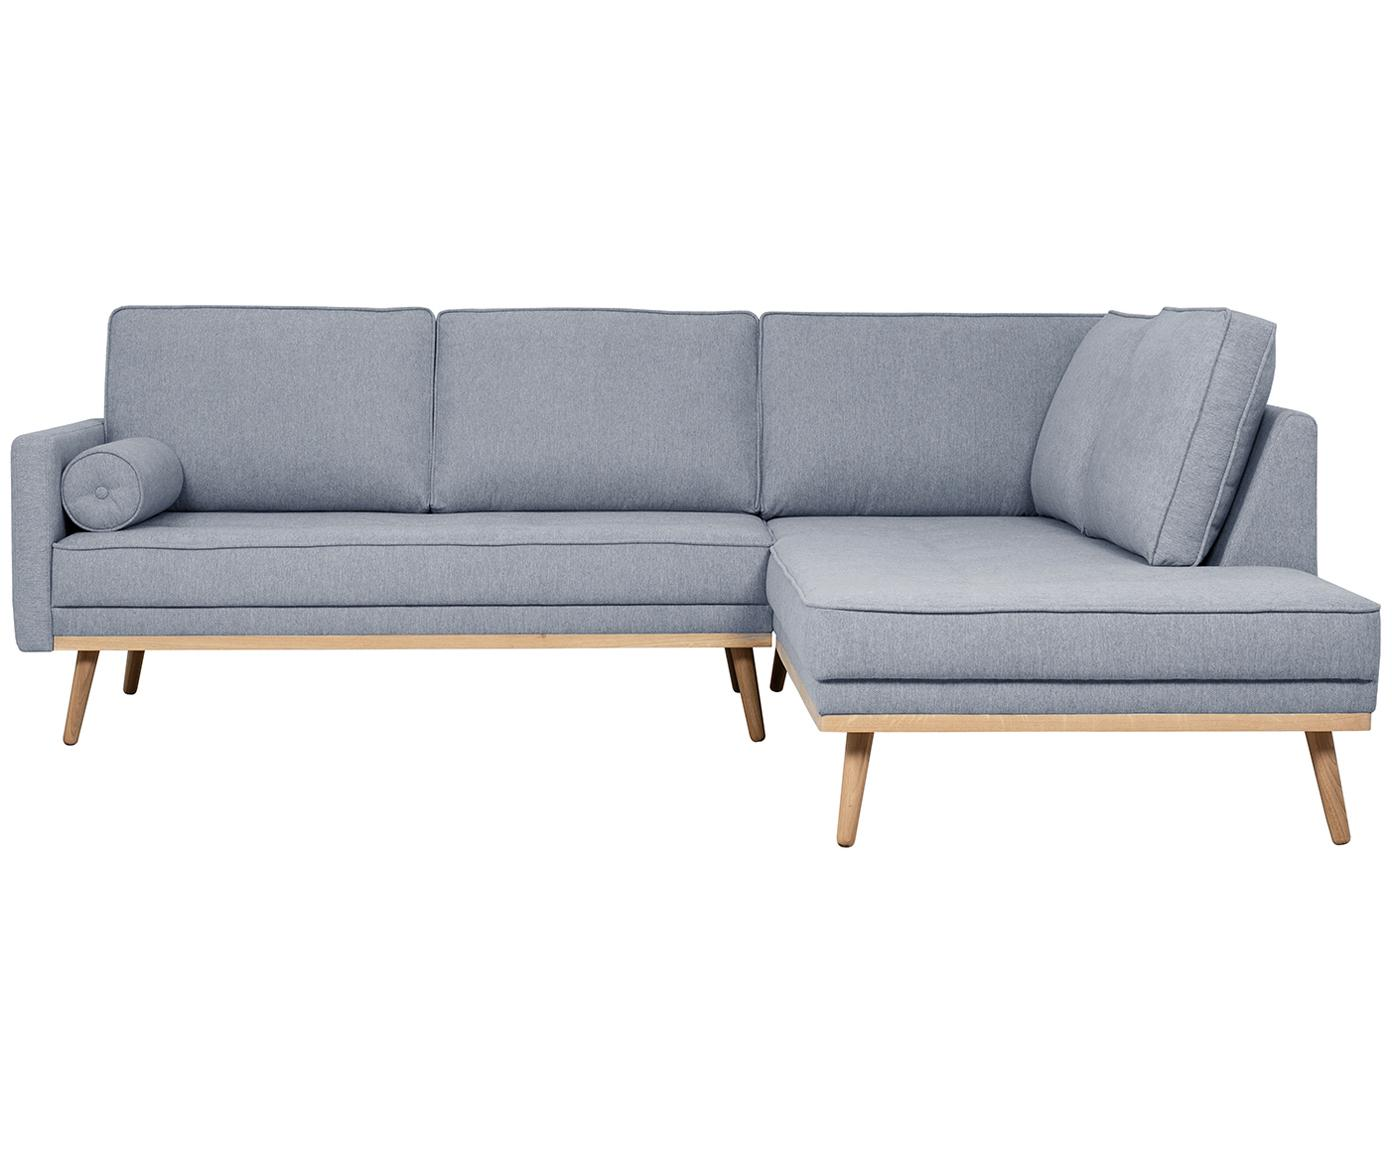 Sofa narożna Saint (3-osobowa), Tapicerka: poliester 50000 cykli w , Stelaż: masywne drewno sosnowe, p, Niebieskoszara tkanina, S 243 x W 70 cm